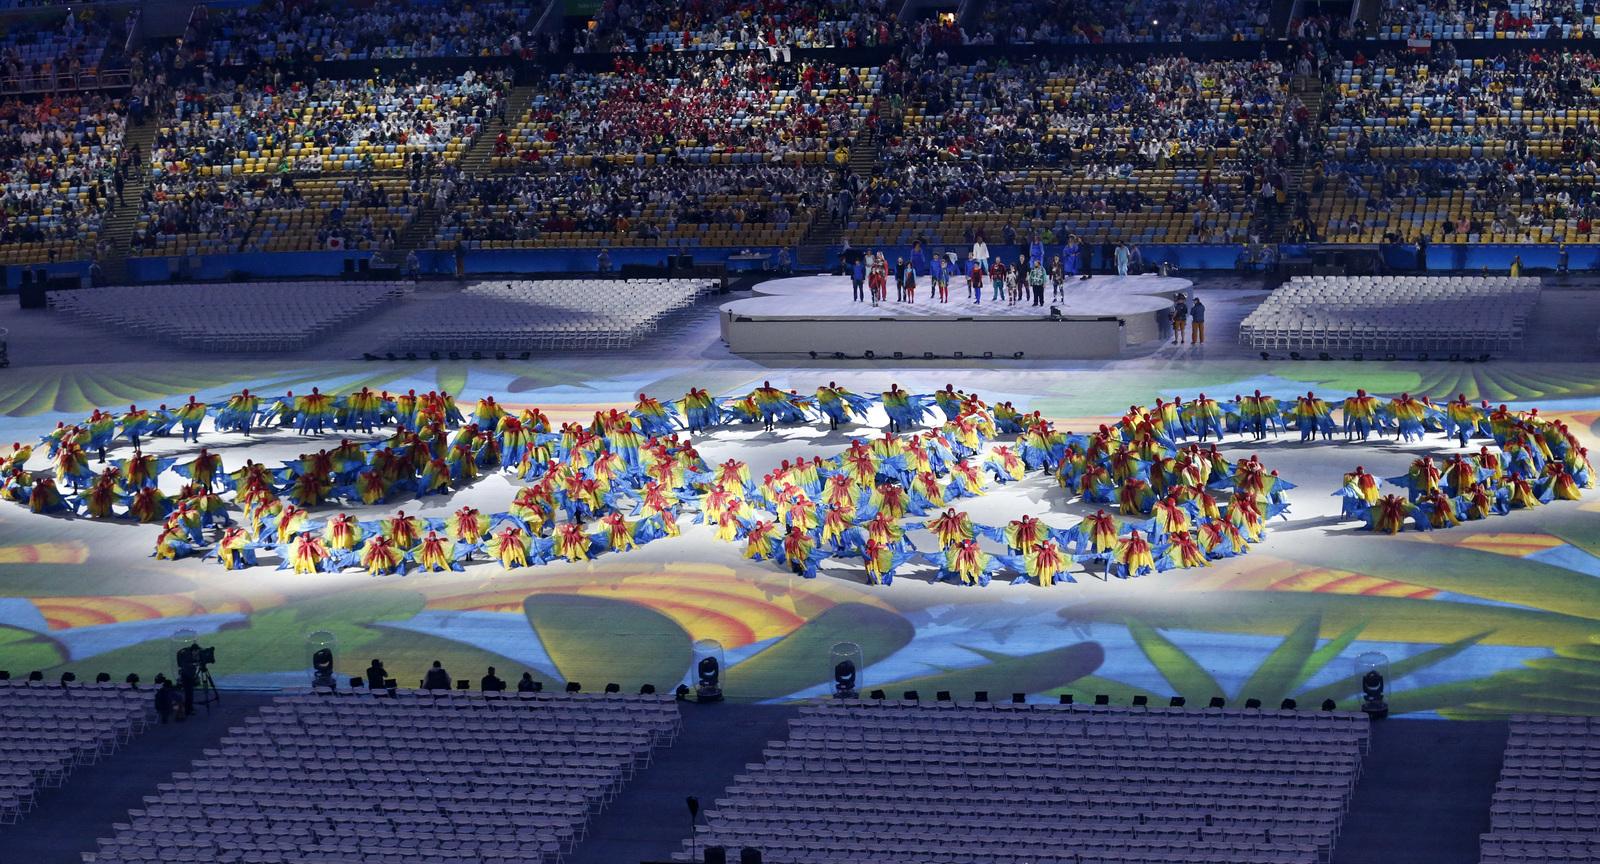 Танцующие олимпийские кольца на церемонии закрытия игр в Рио